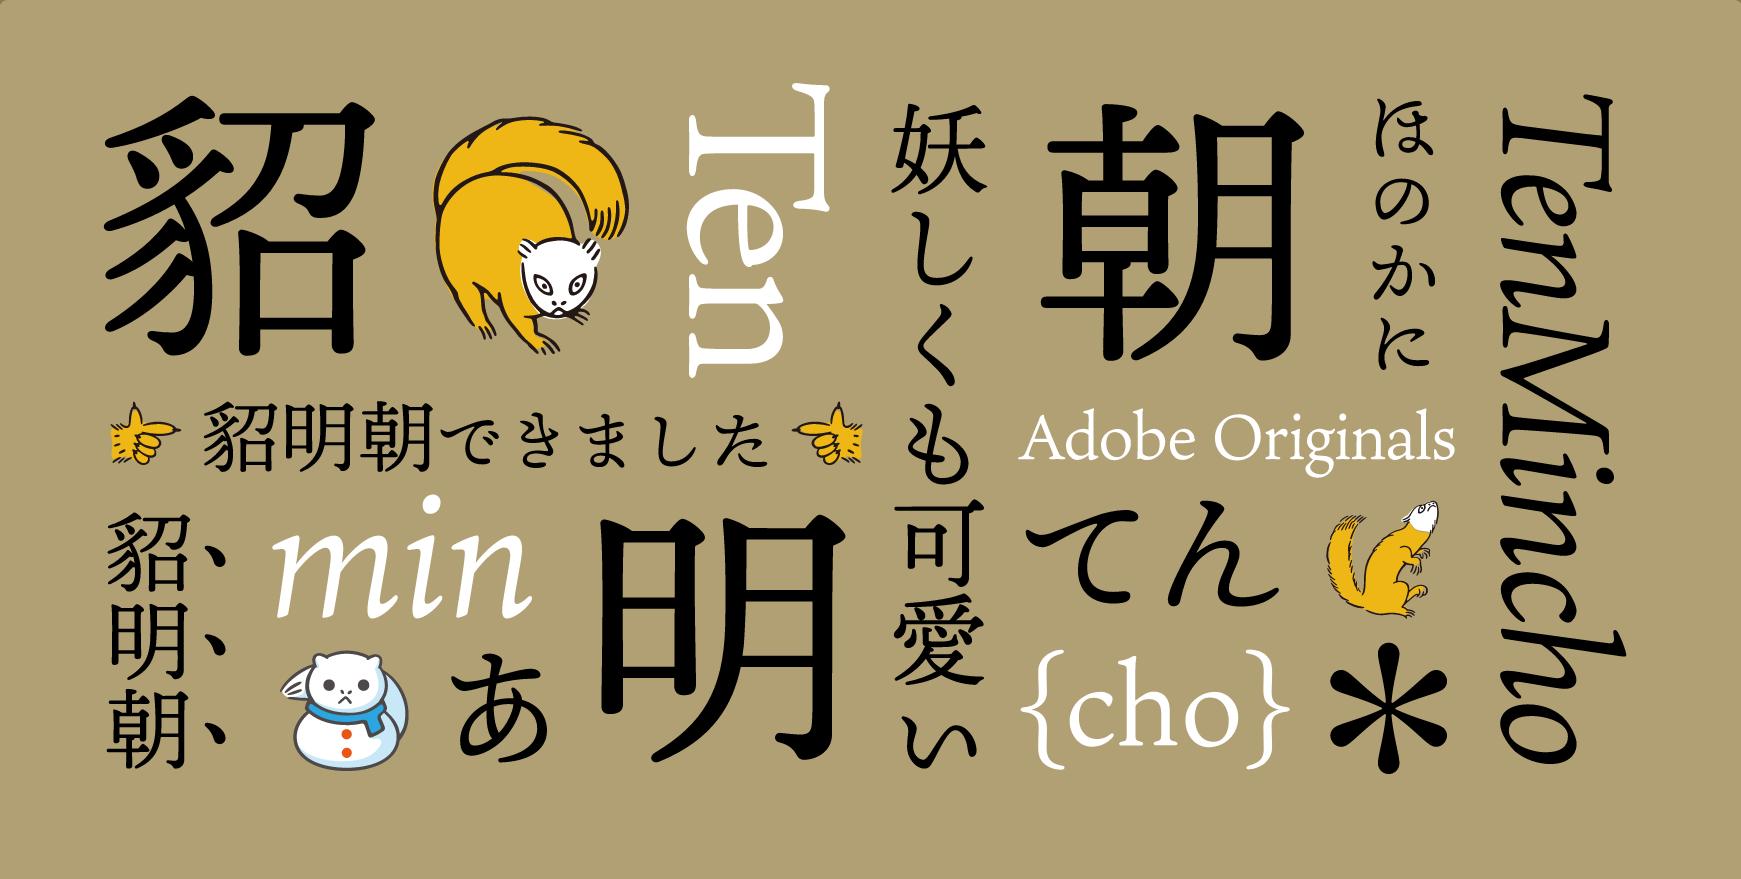 「貂明朝」史无前例的日文字体